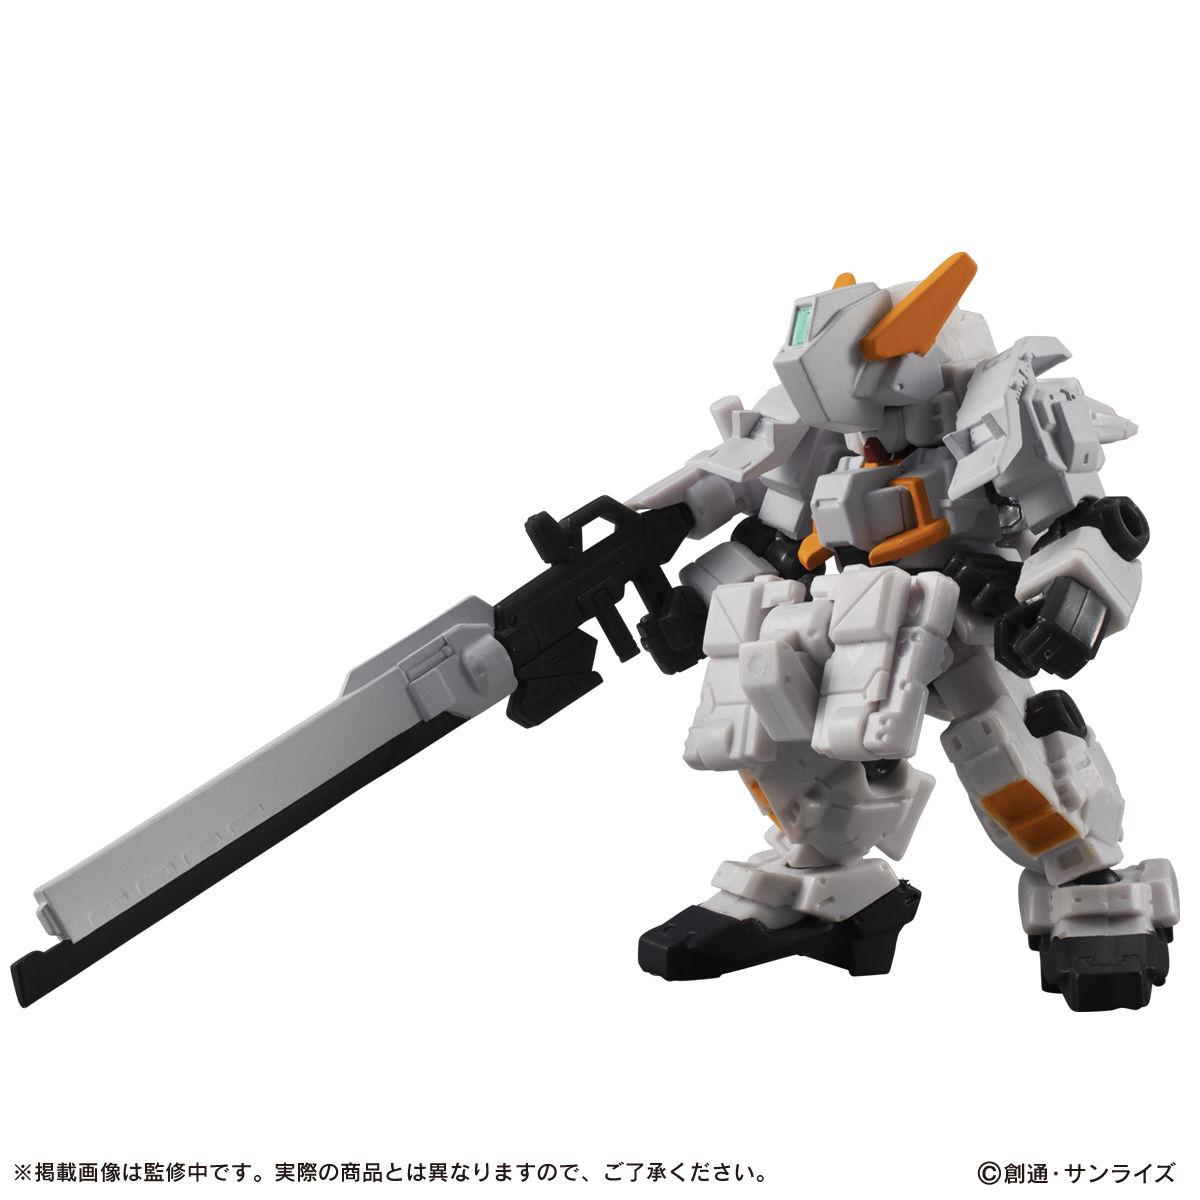 【限定販売】MOBILE SUIT ENSEMBLE『EX22 ギガンティック・アーム・ユニット装備セット』デフォルメ可動フィギュア-006